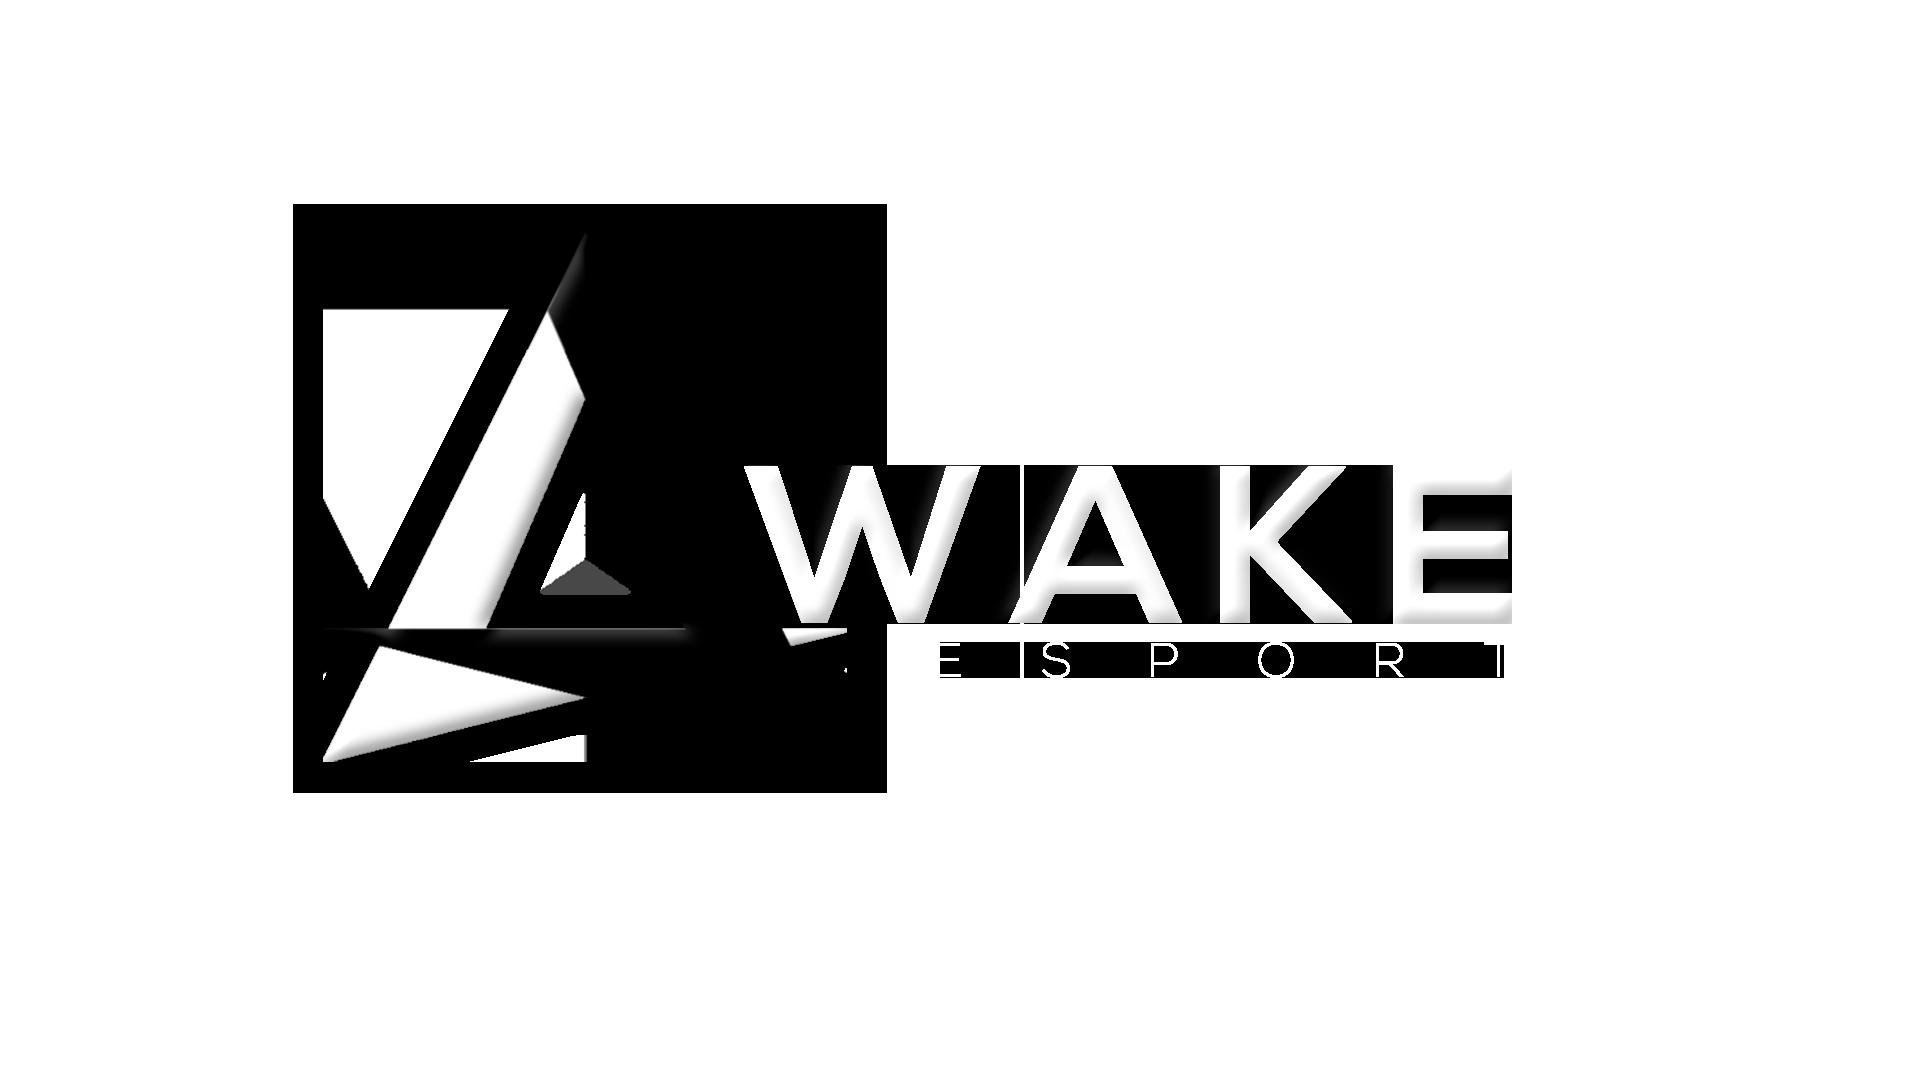 Awake White